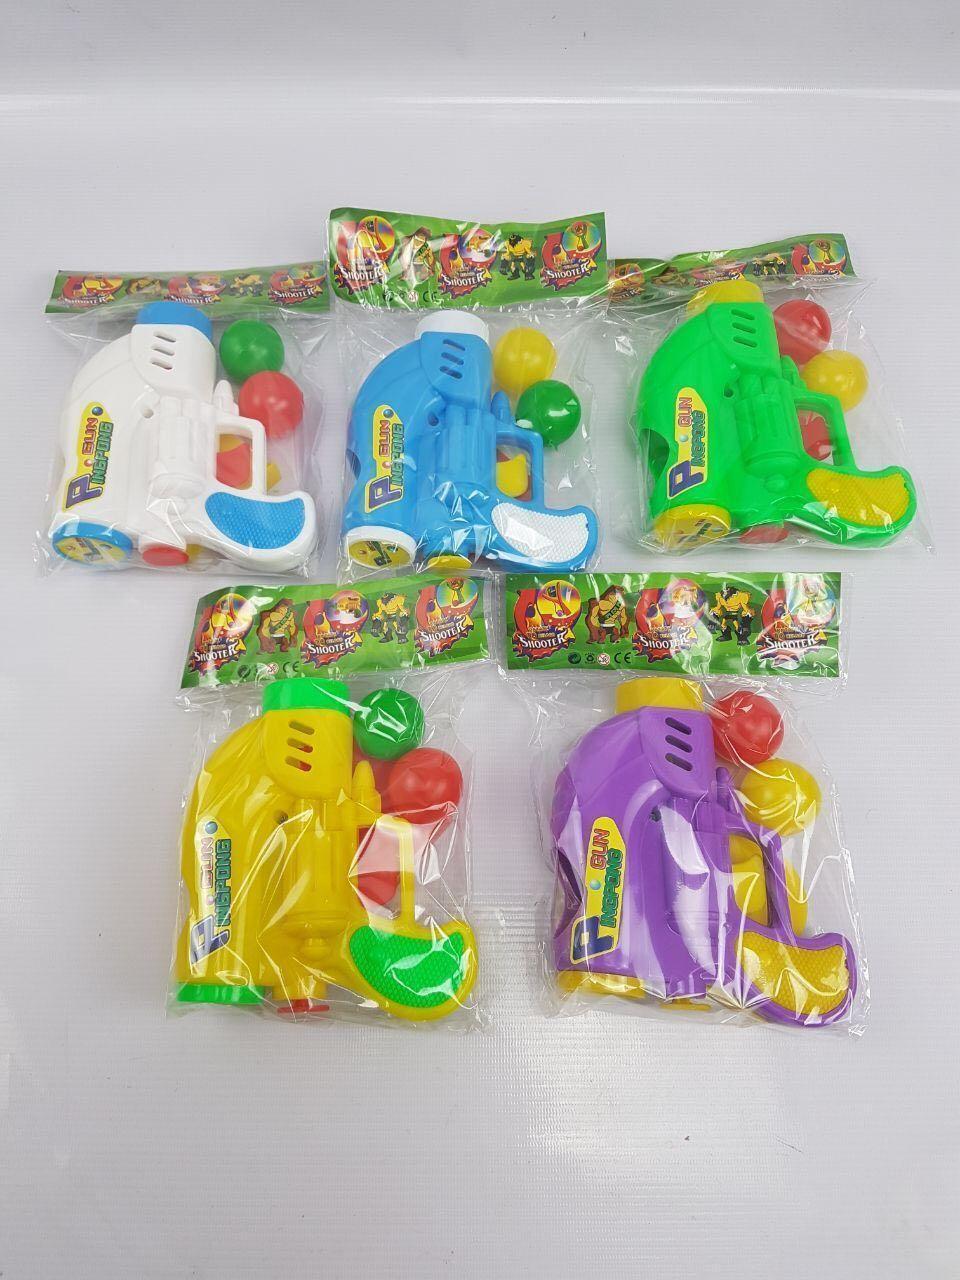 کارخانه اسباب بازی بادکوبه  پلاستیک پخش و فروش عمده اسباب بازی پسرانه تفنگ  توپ انداز فانتزی